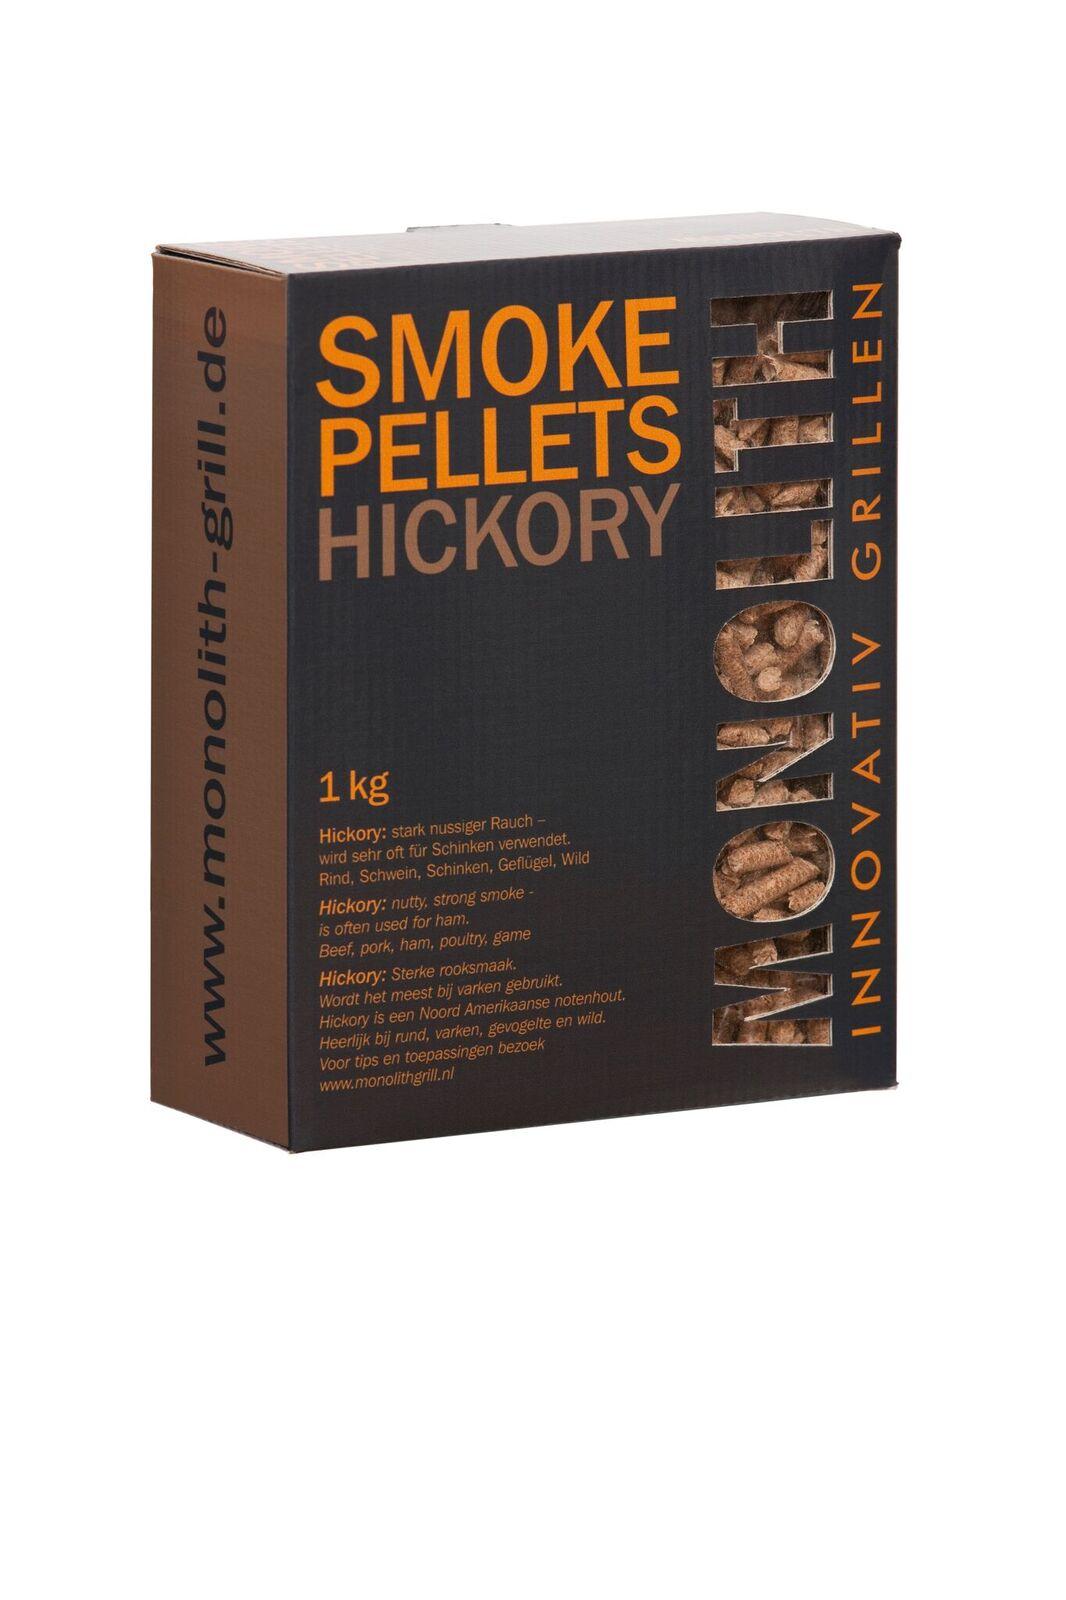 Hickory Wood Smoke Pellets 1Kg